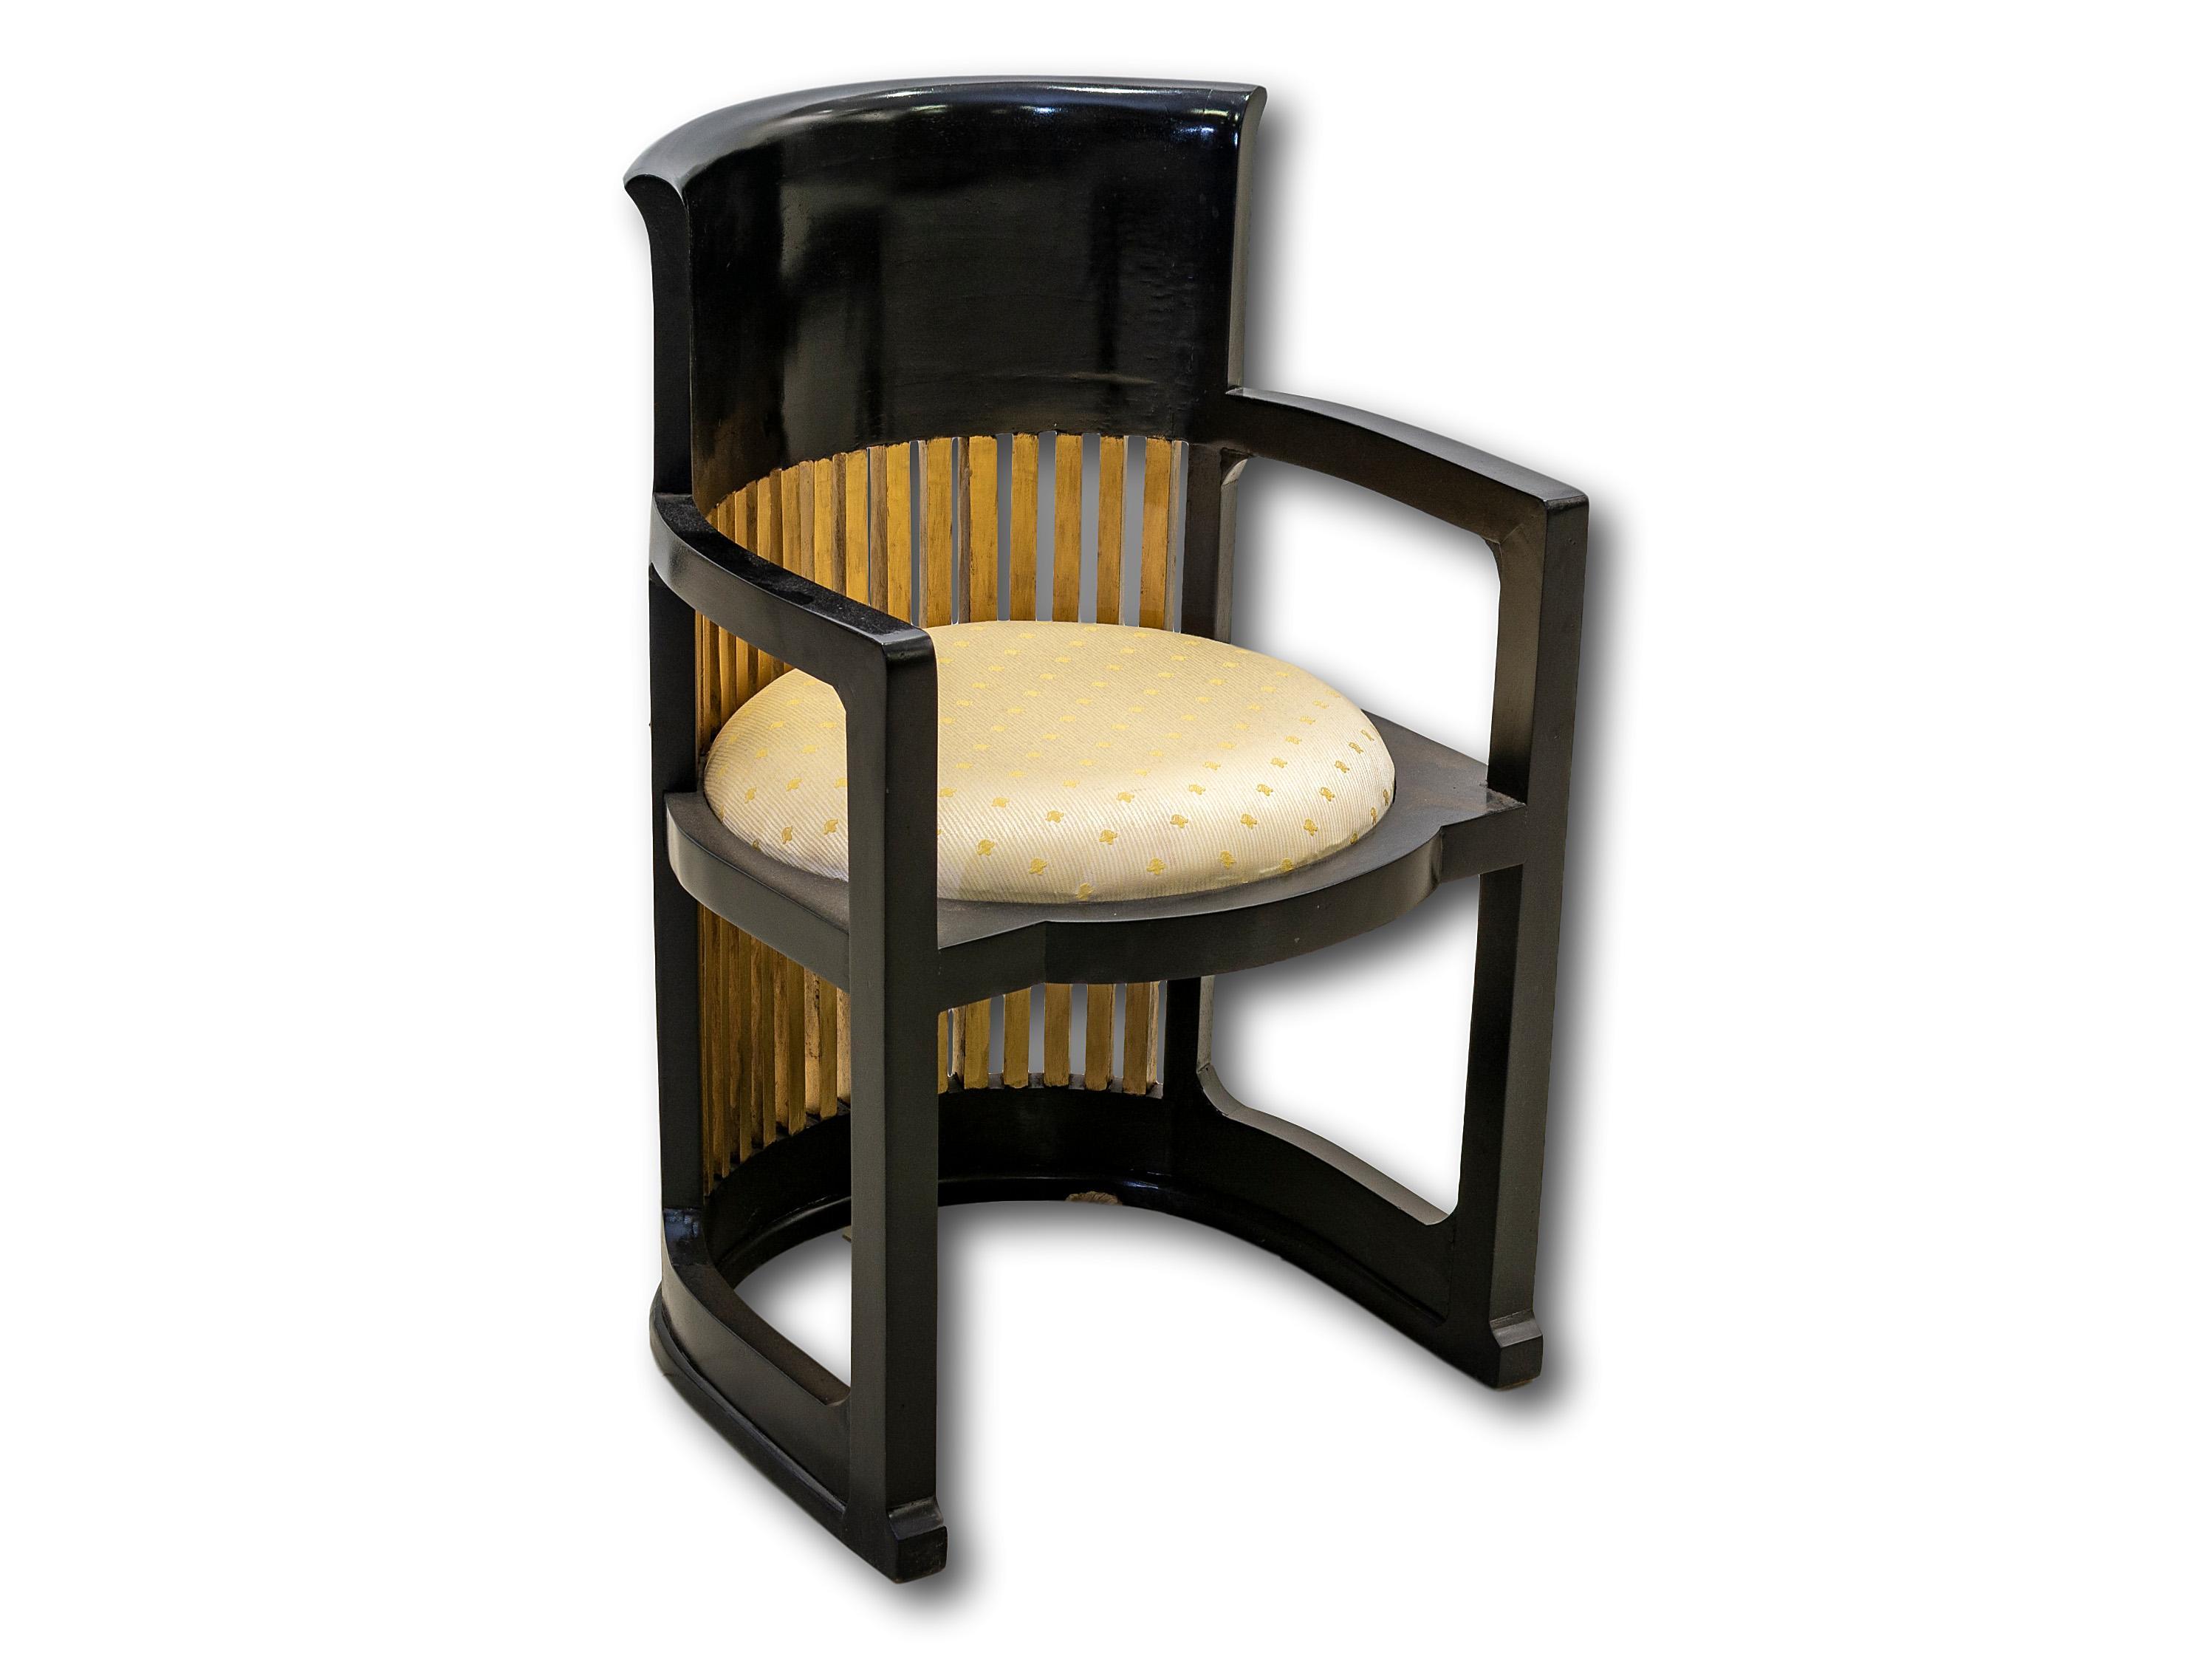 A Mid 20th Century Tub Chair, 85 x 56 x 56